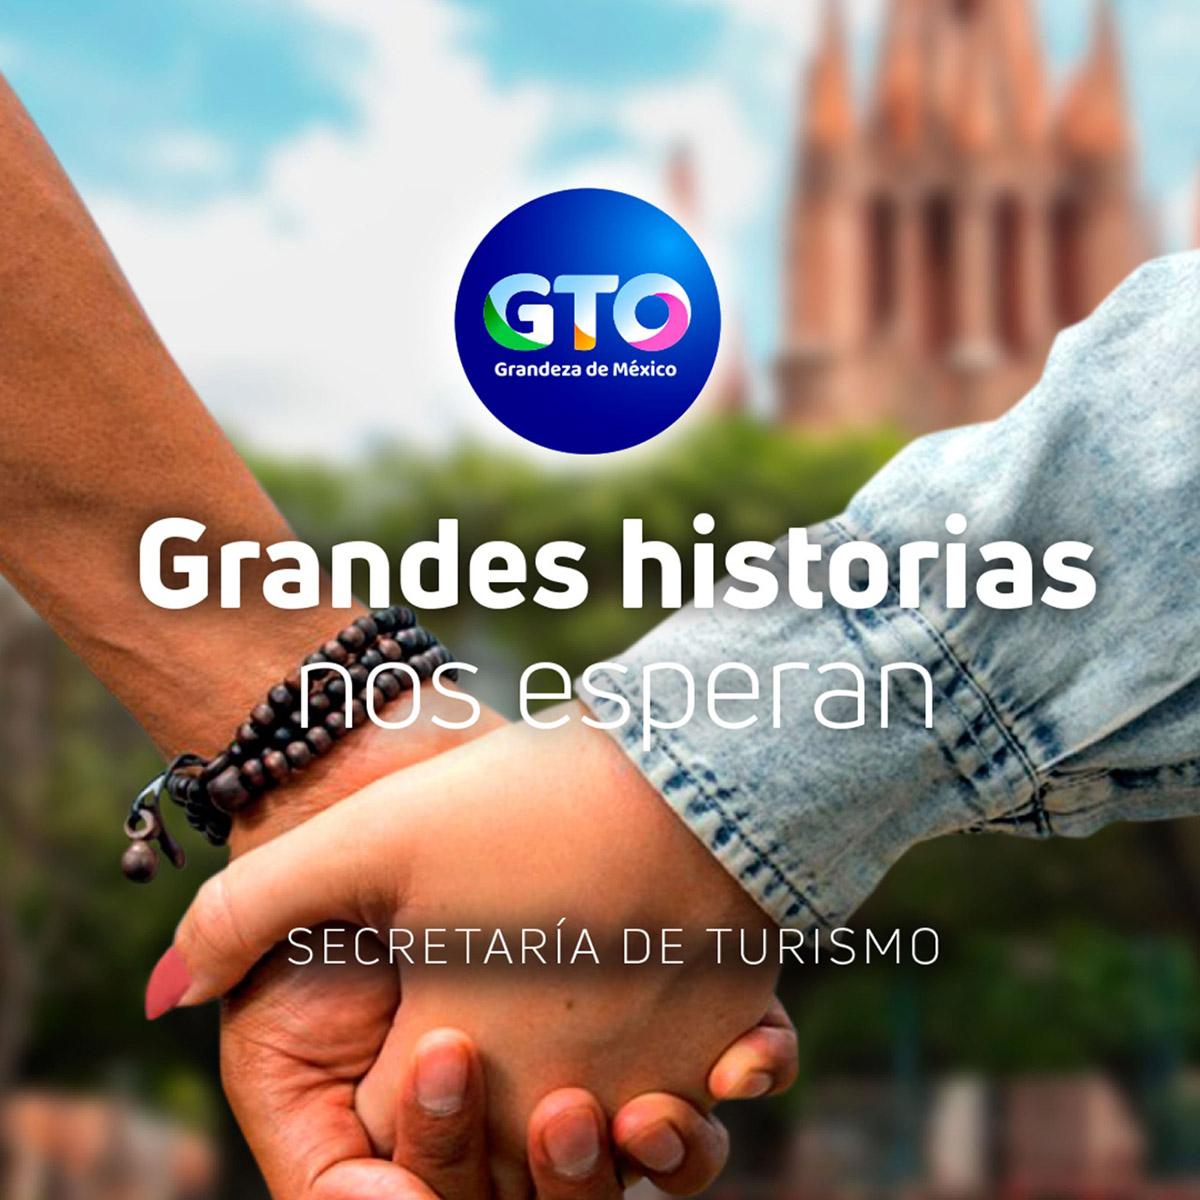 GUANAJUATO NUEVA CAMPAÑA GRANDES HISTORIAS 01